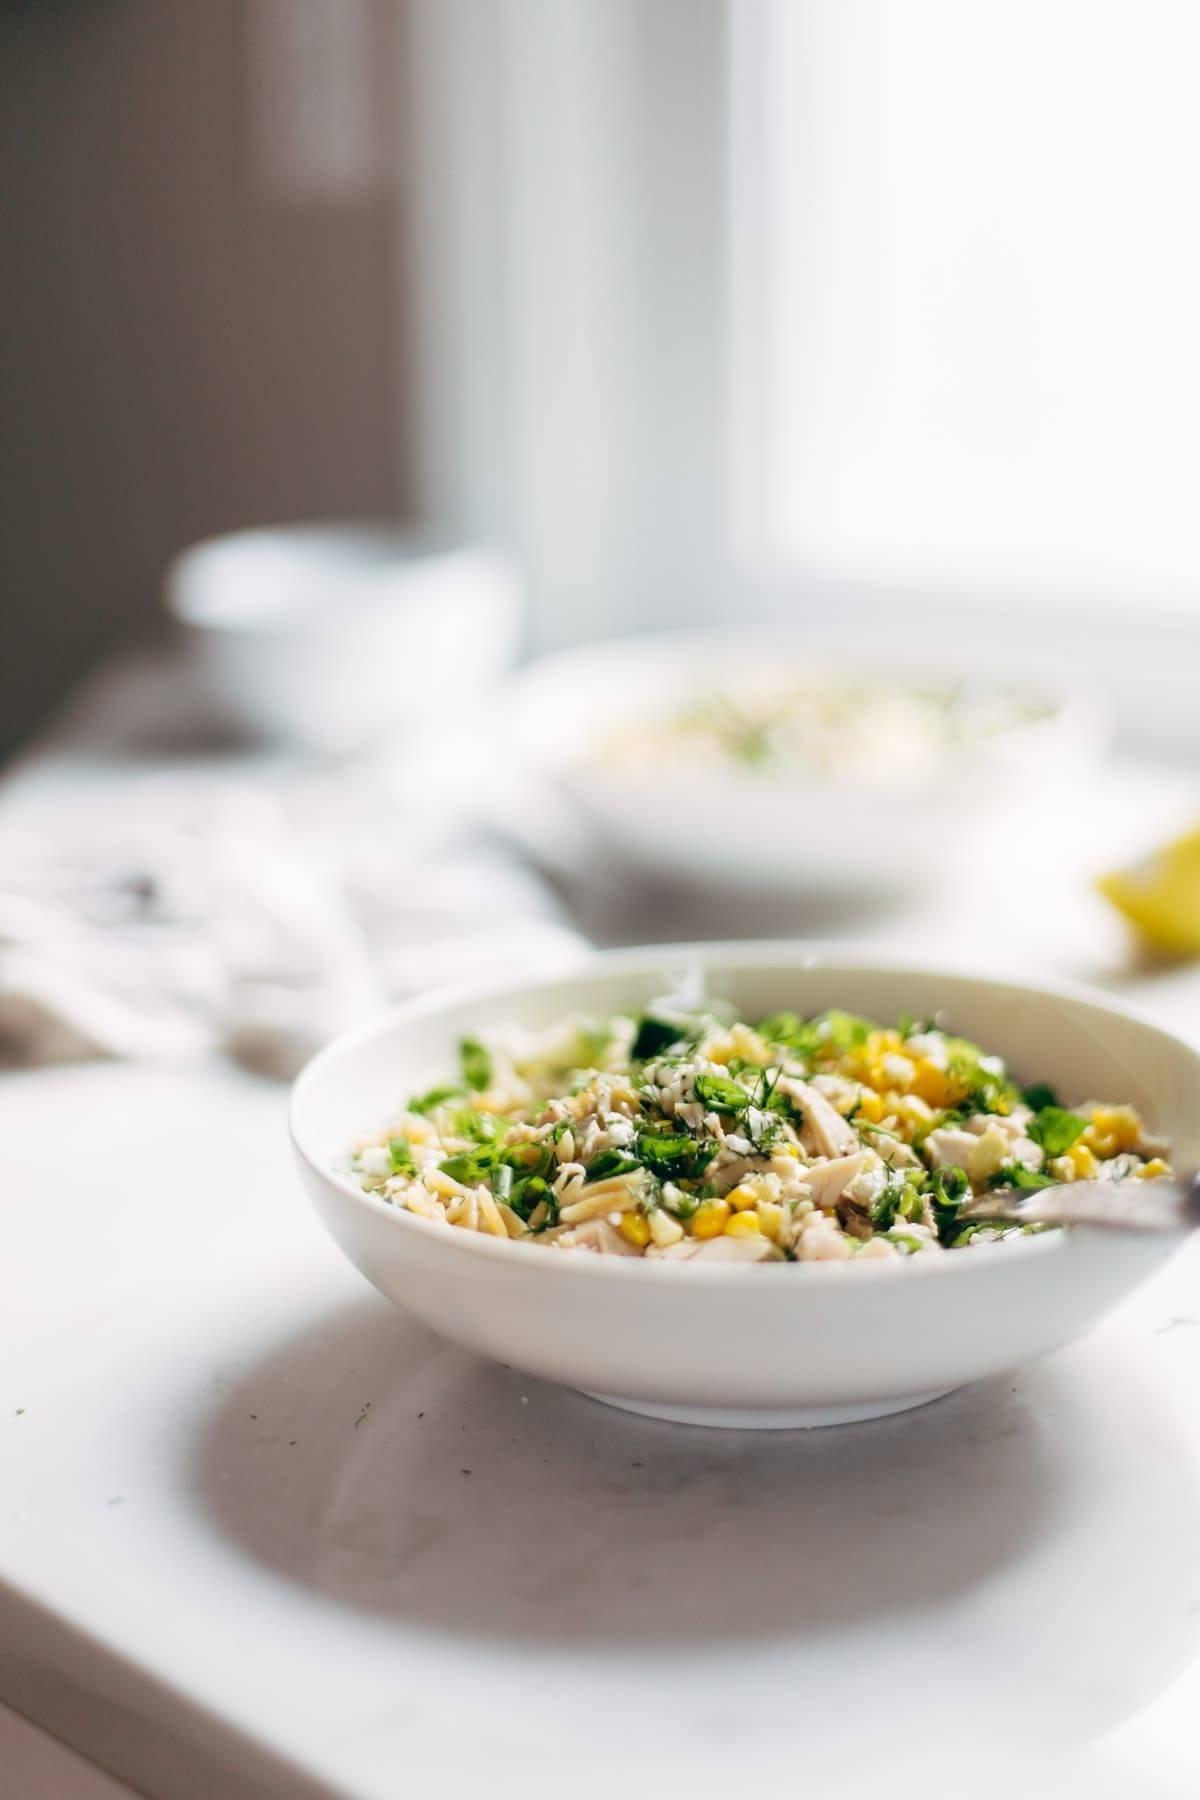 Bowl of Orzo Summer Salad